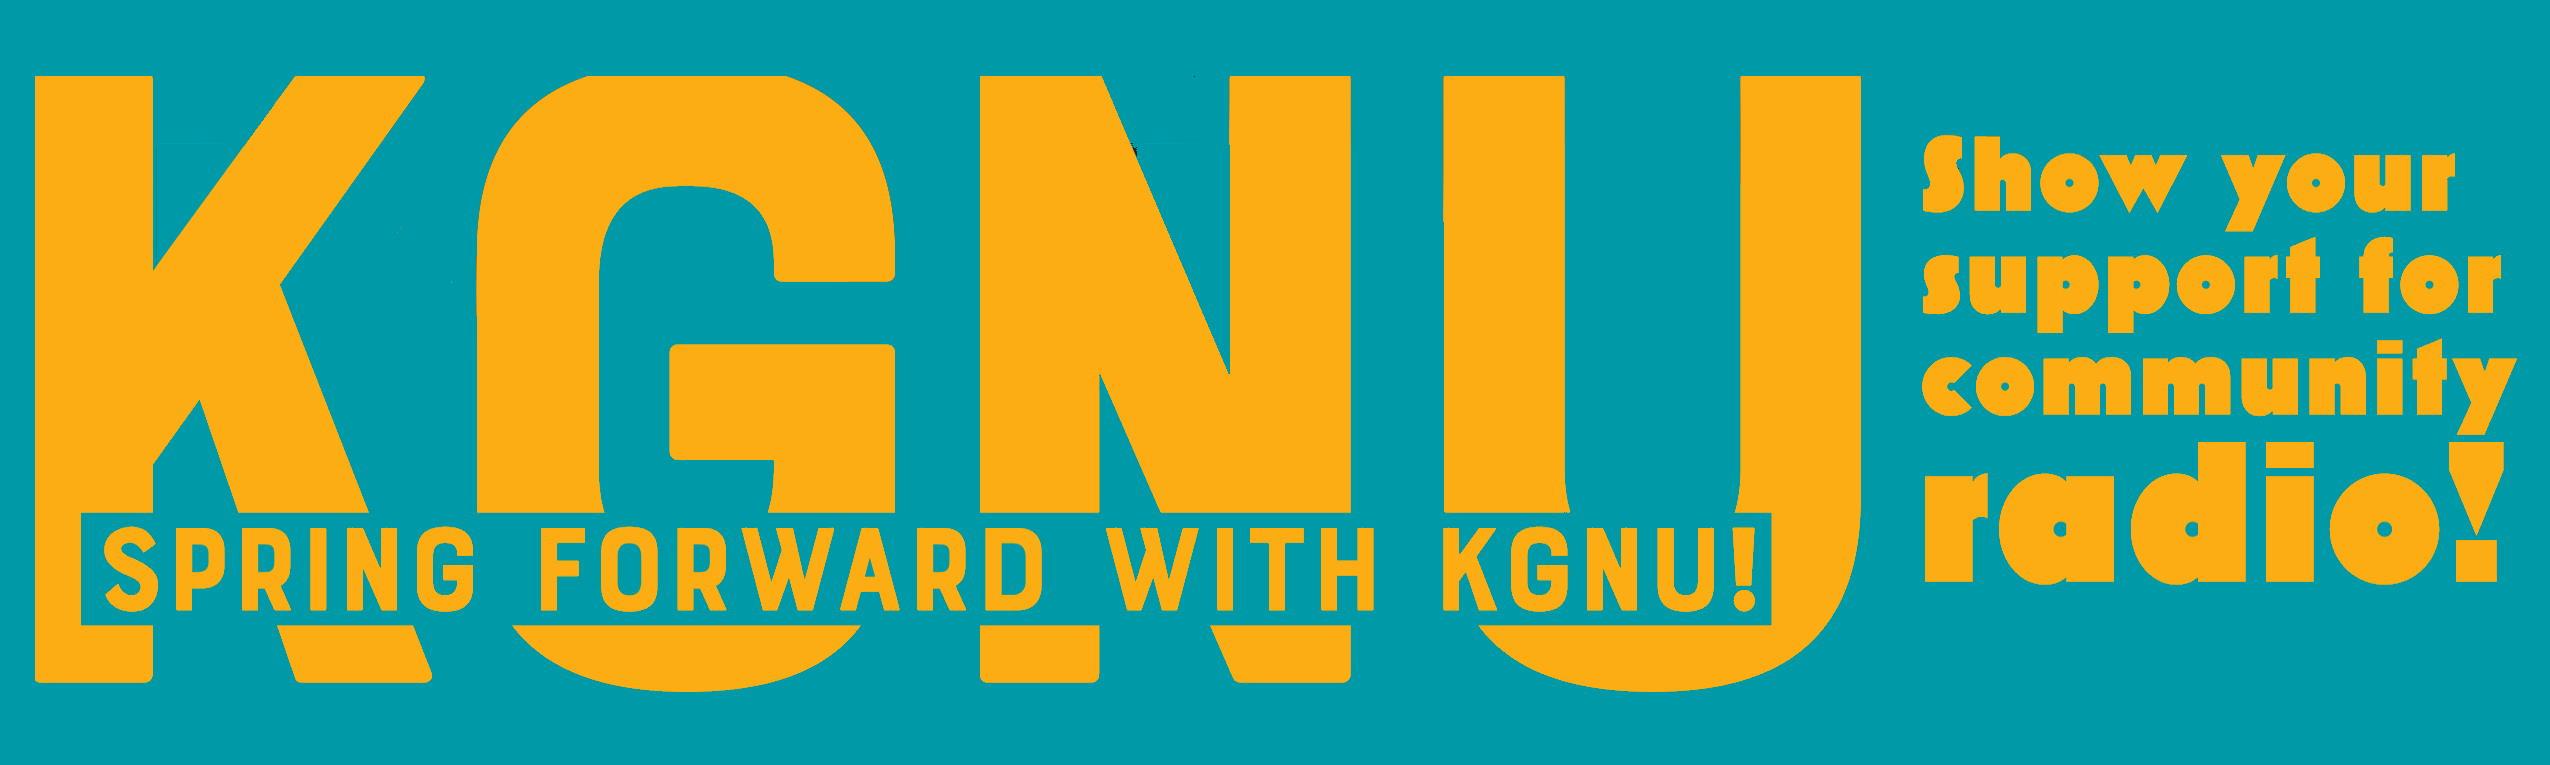 support kgnu